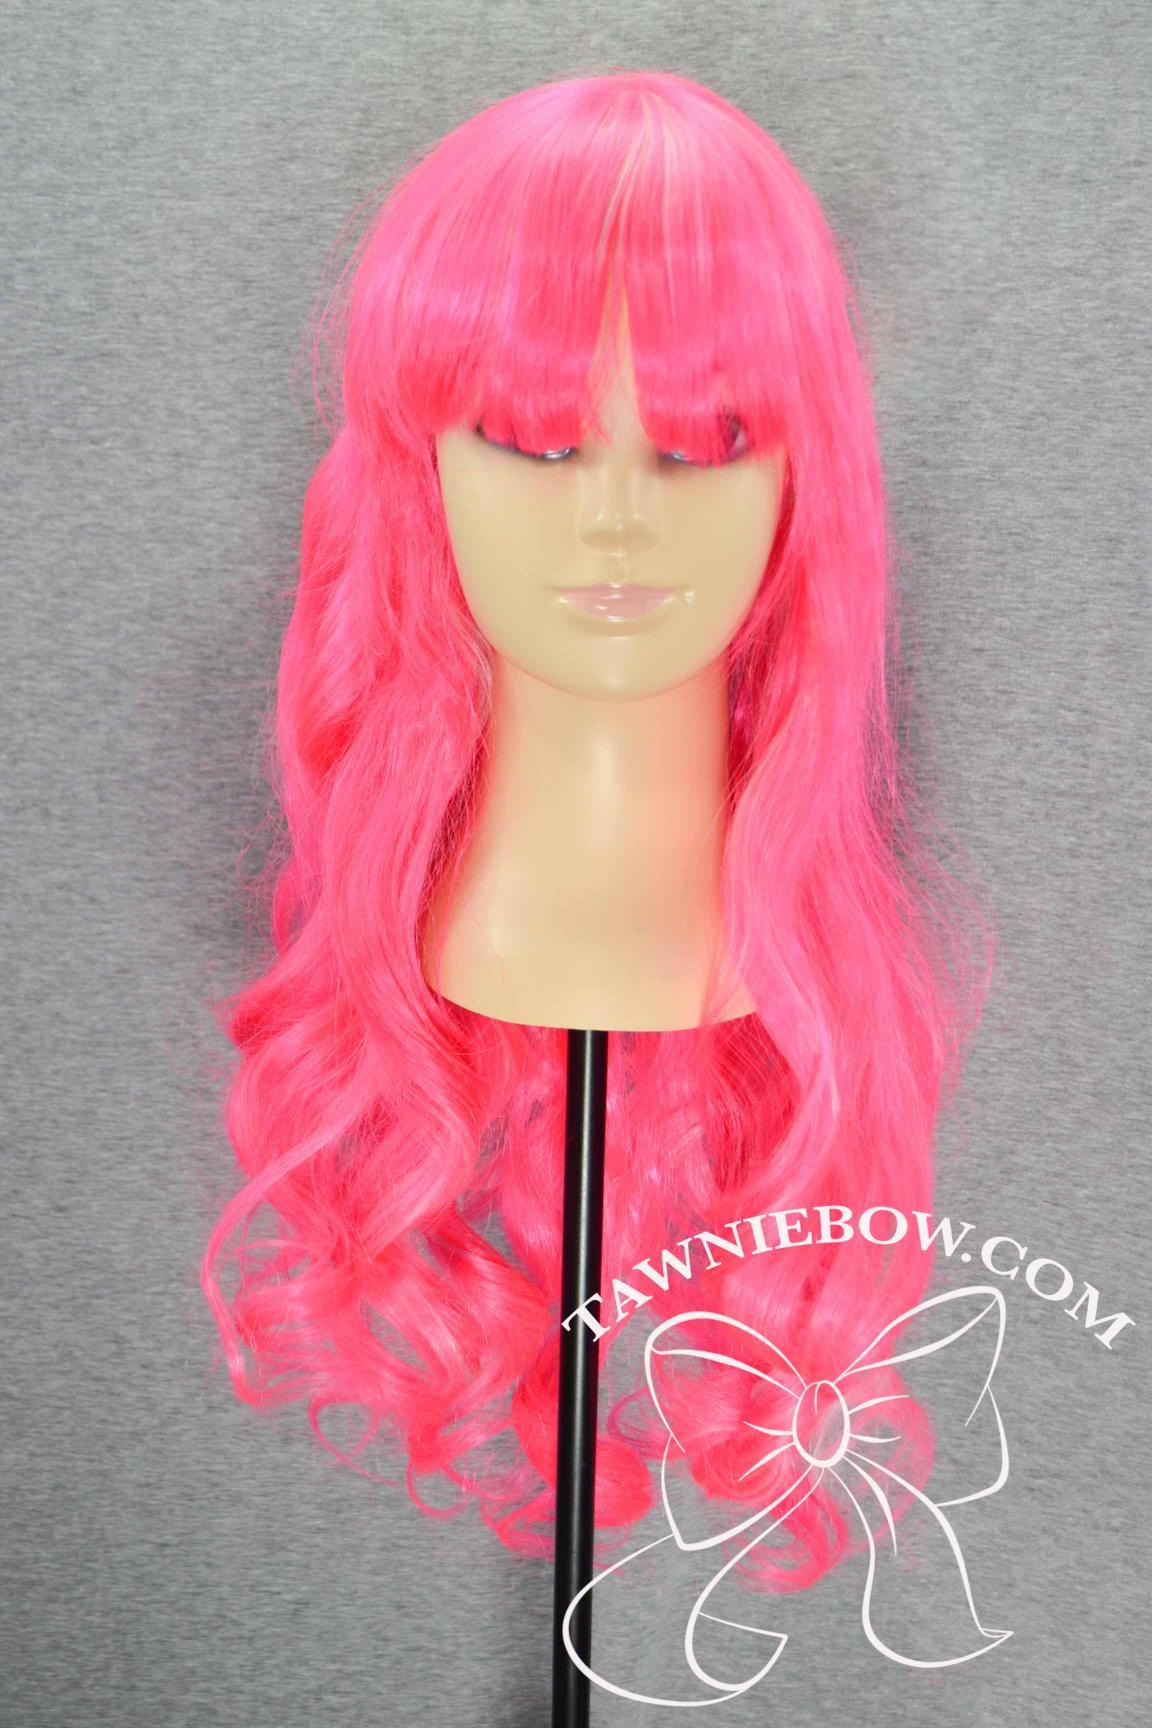 pinkiefront